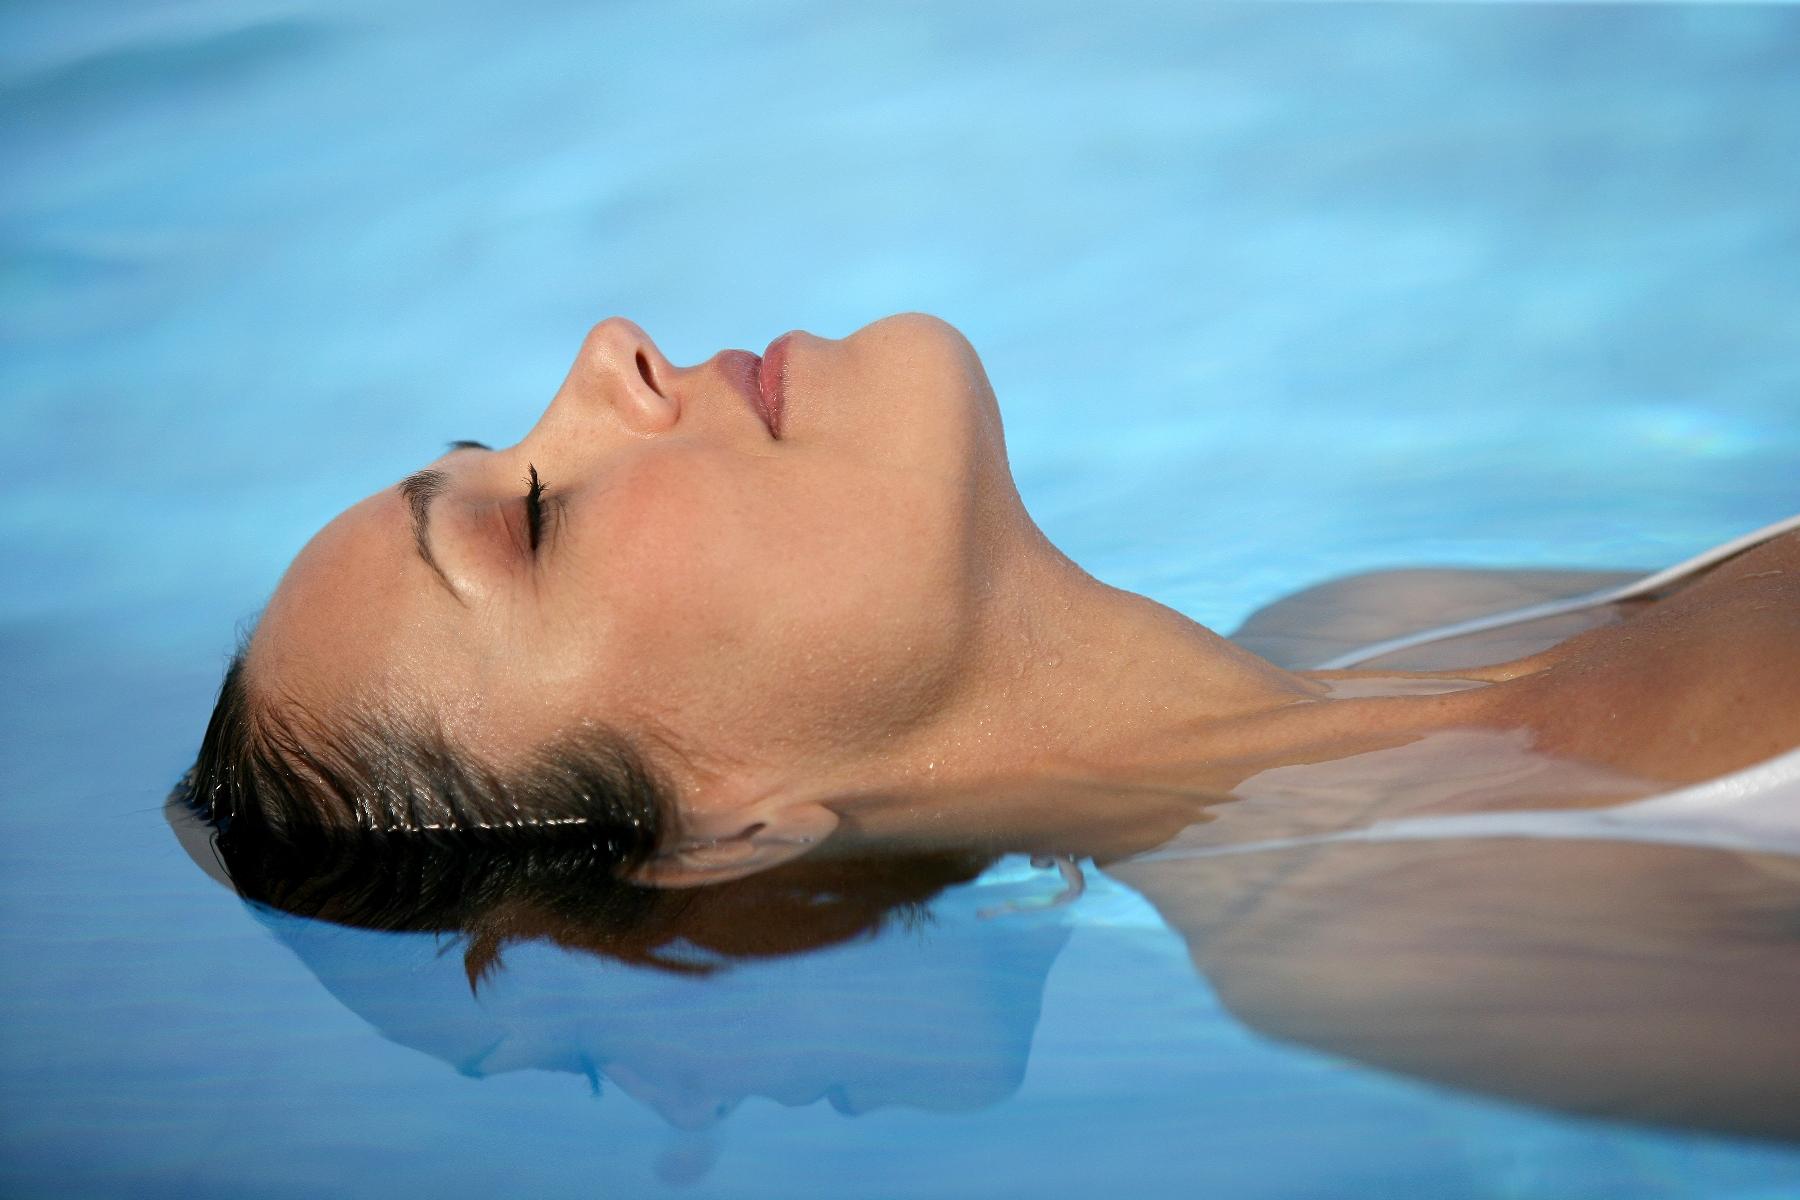 красивый массаж в бассейне - 1